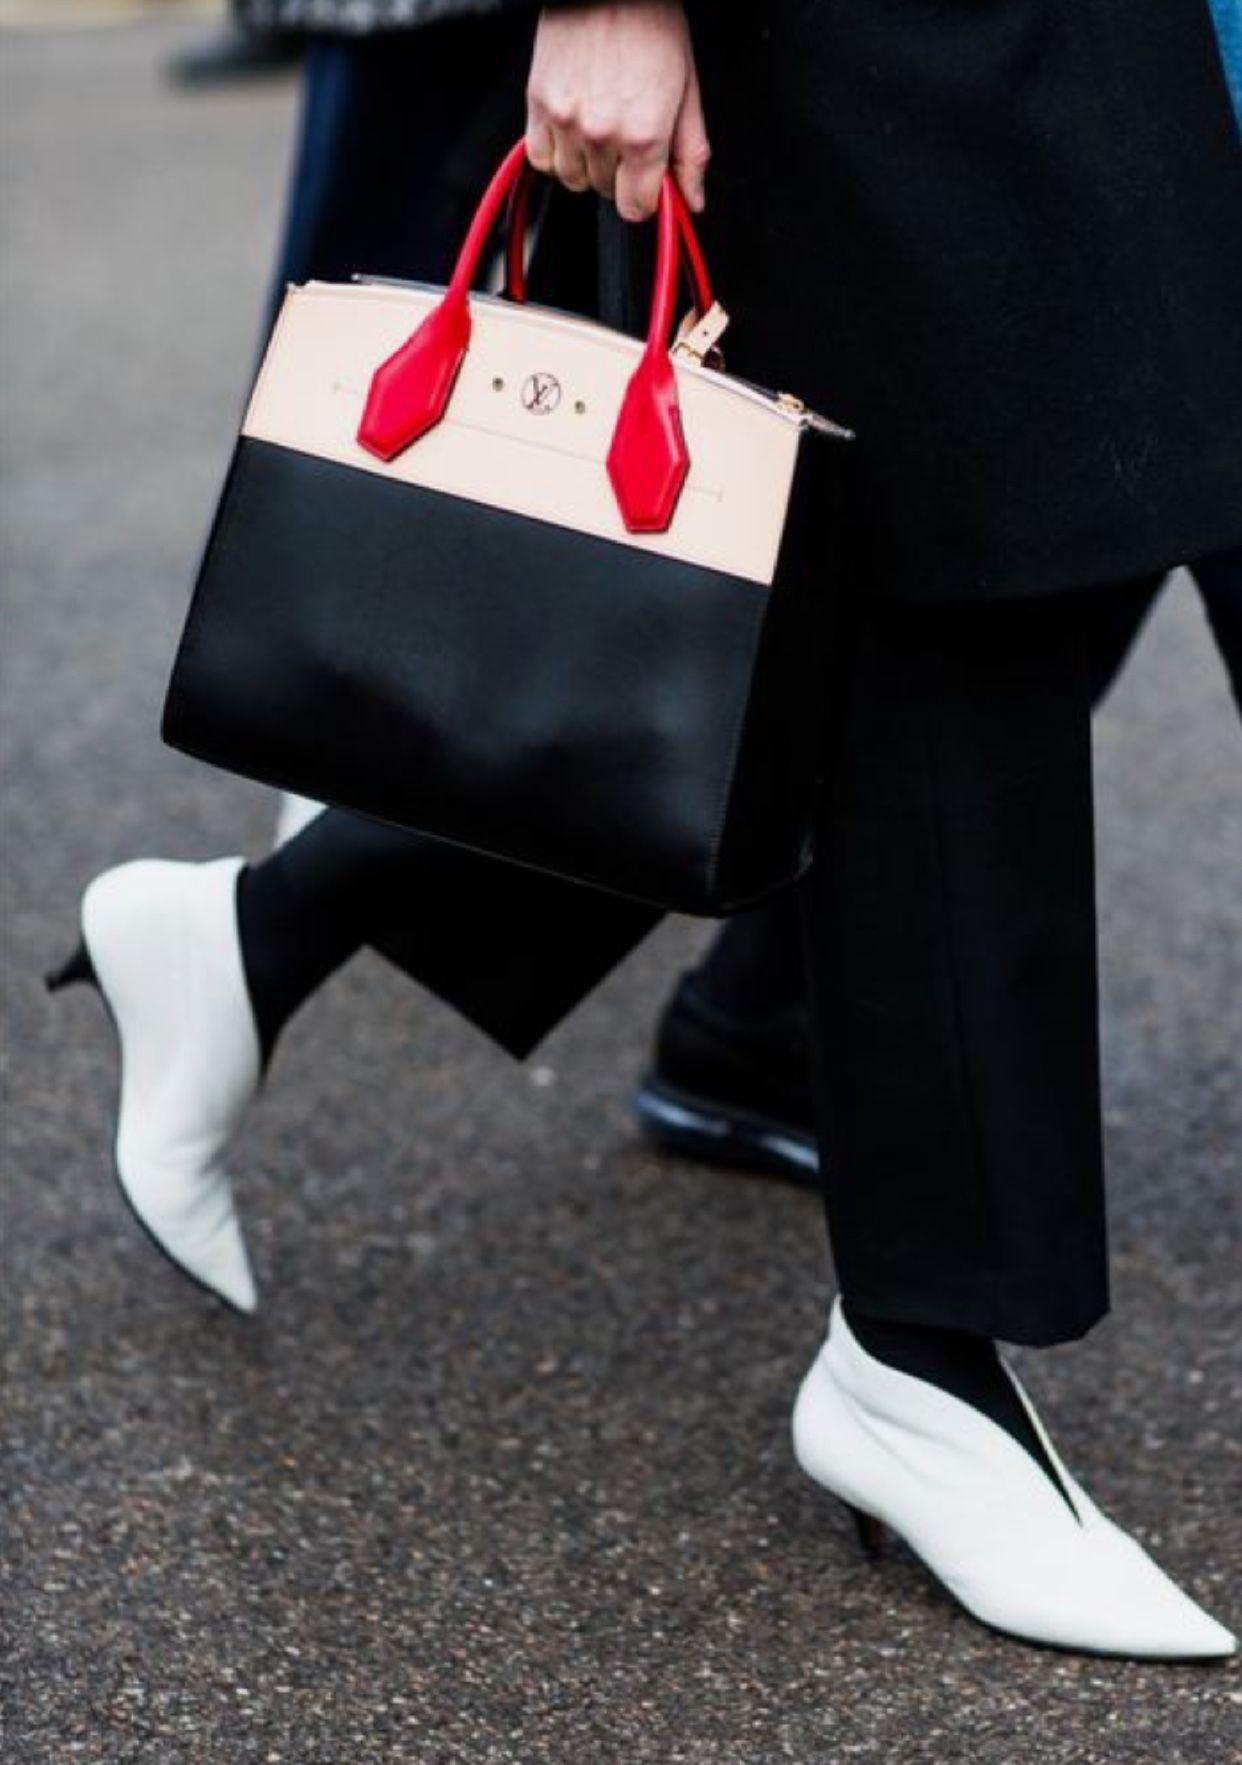 Ещё немного белой обуви 💭 Это такой хит 2017 года, что невозможно не сделать подборку! Да, для Петербурга и России с нашим разношёрстным климатом, белый цвет вызывает ряд сложностей, но главное желание 😉 А хороший защитный крем для обуви найдётся 👌💡